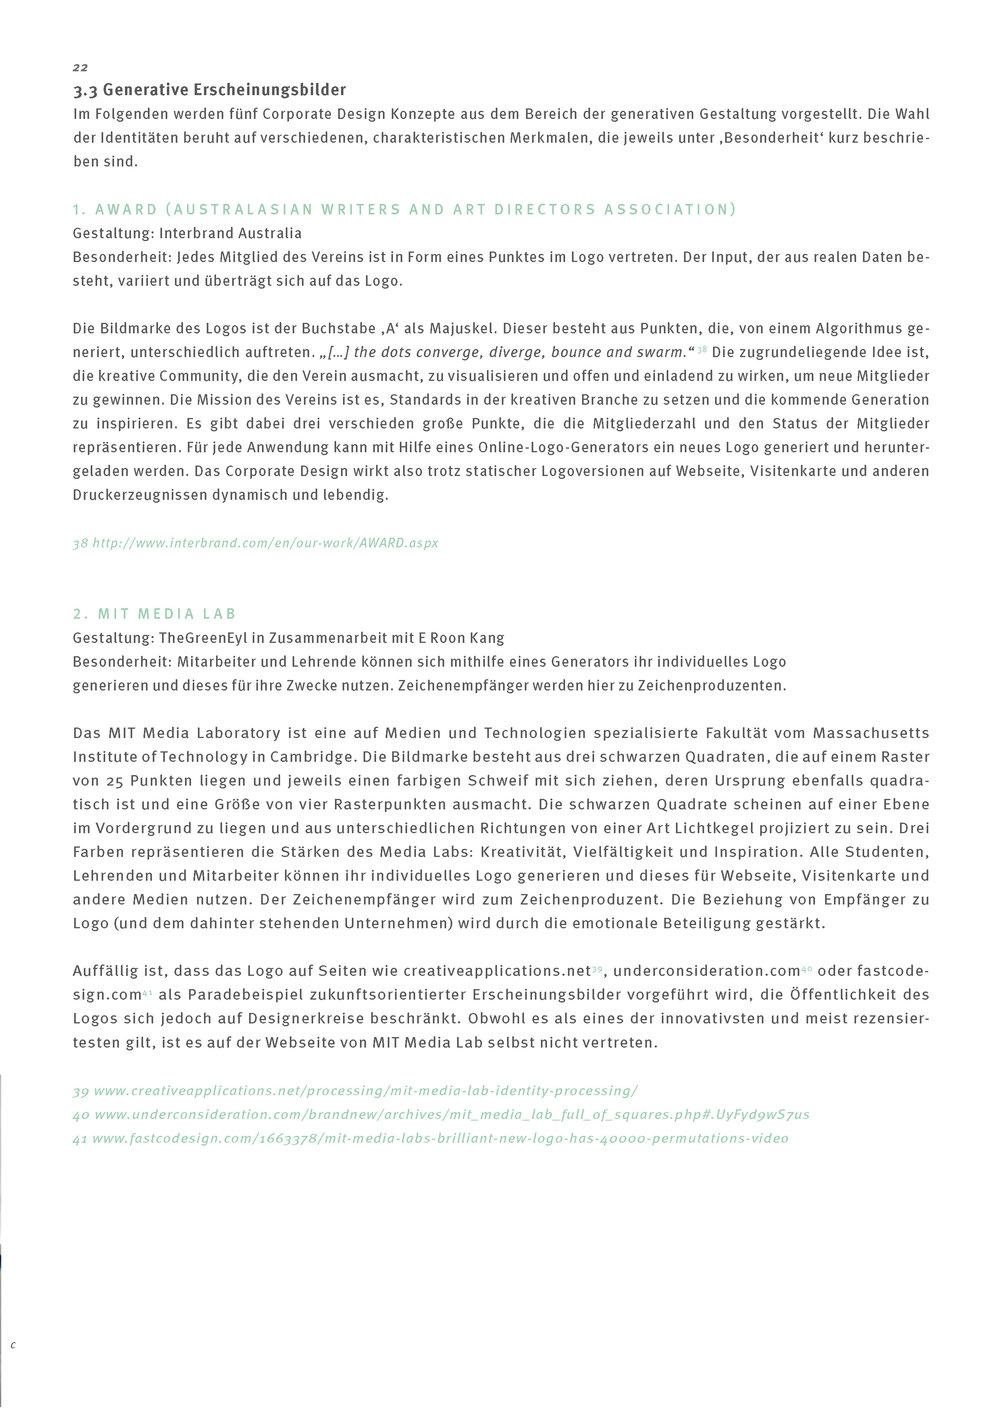 Generative Gestaltung-eine Entwurfsmethode_Einzelseiten_Seite_22.jpg